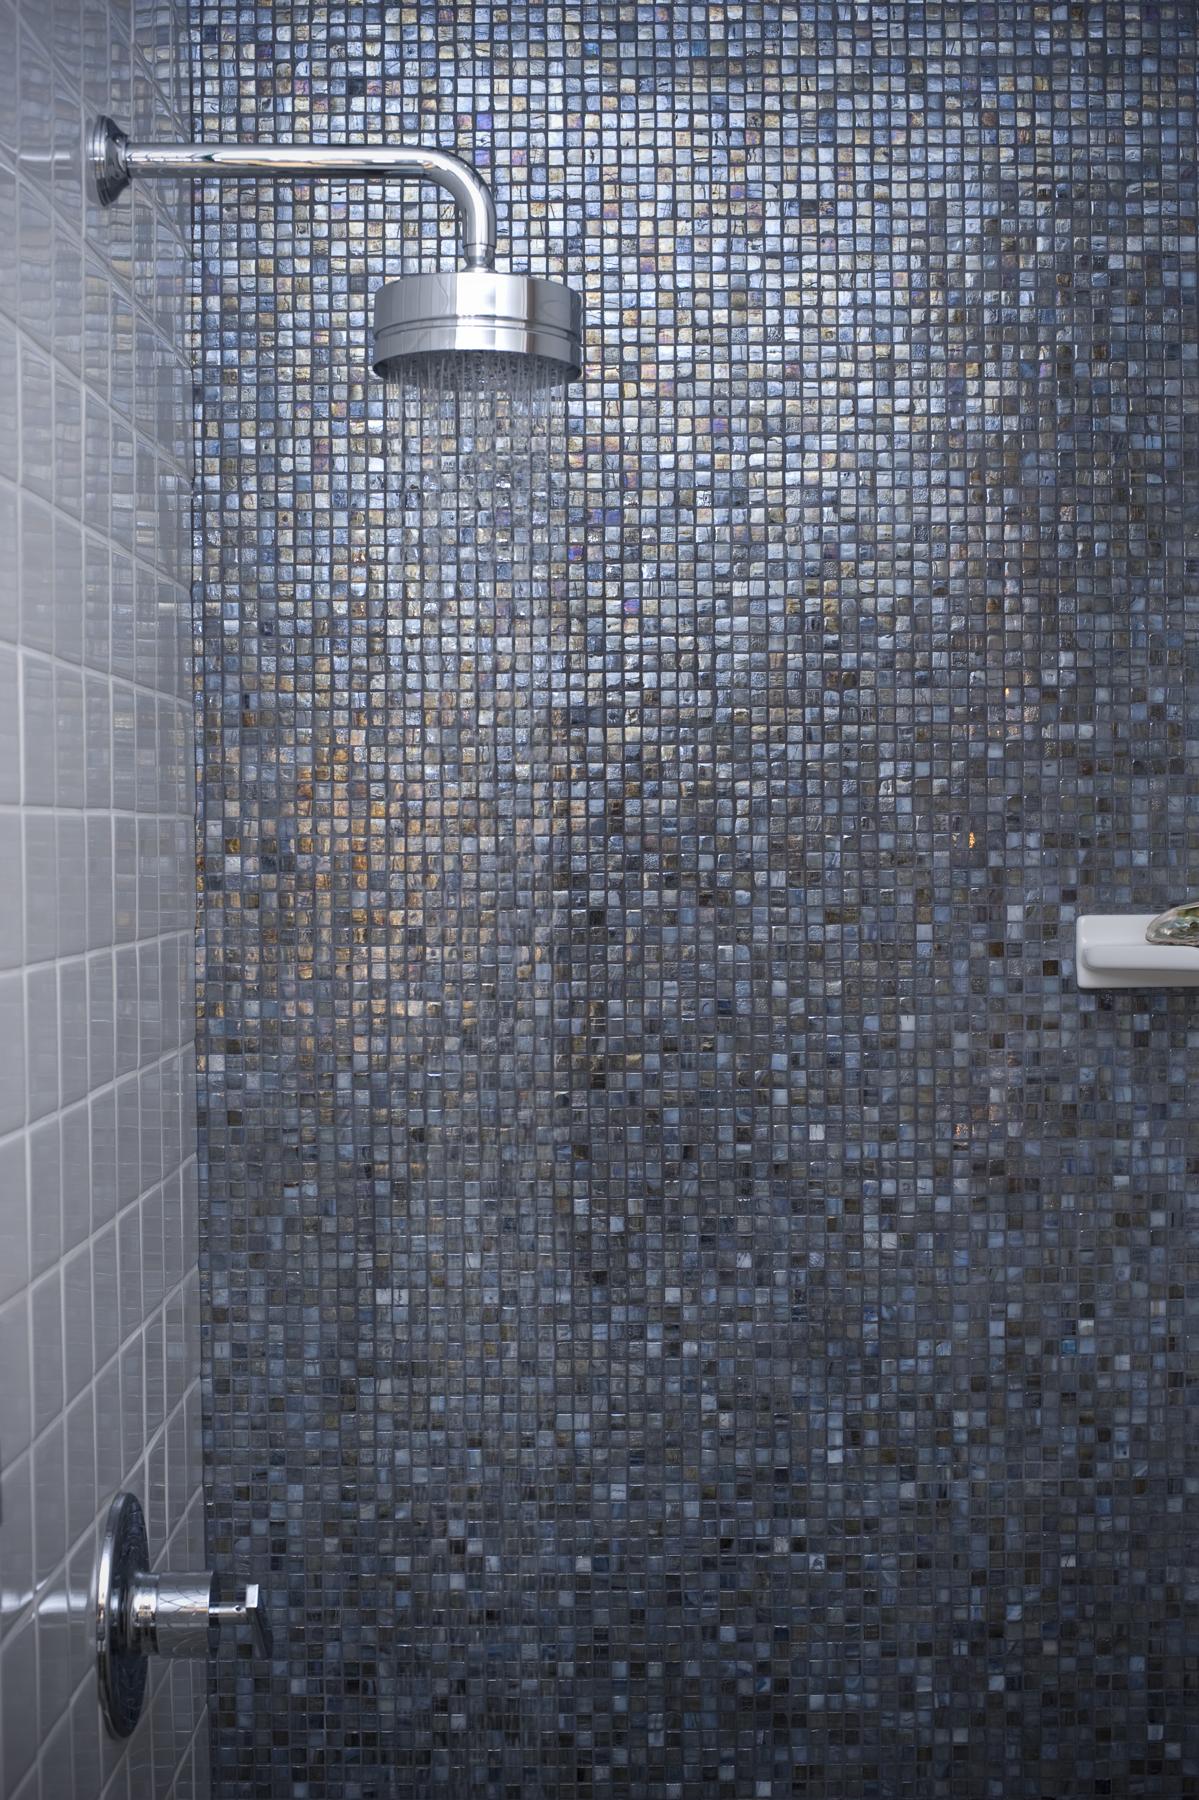 Vihara Glass Tiles Shower